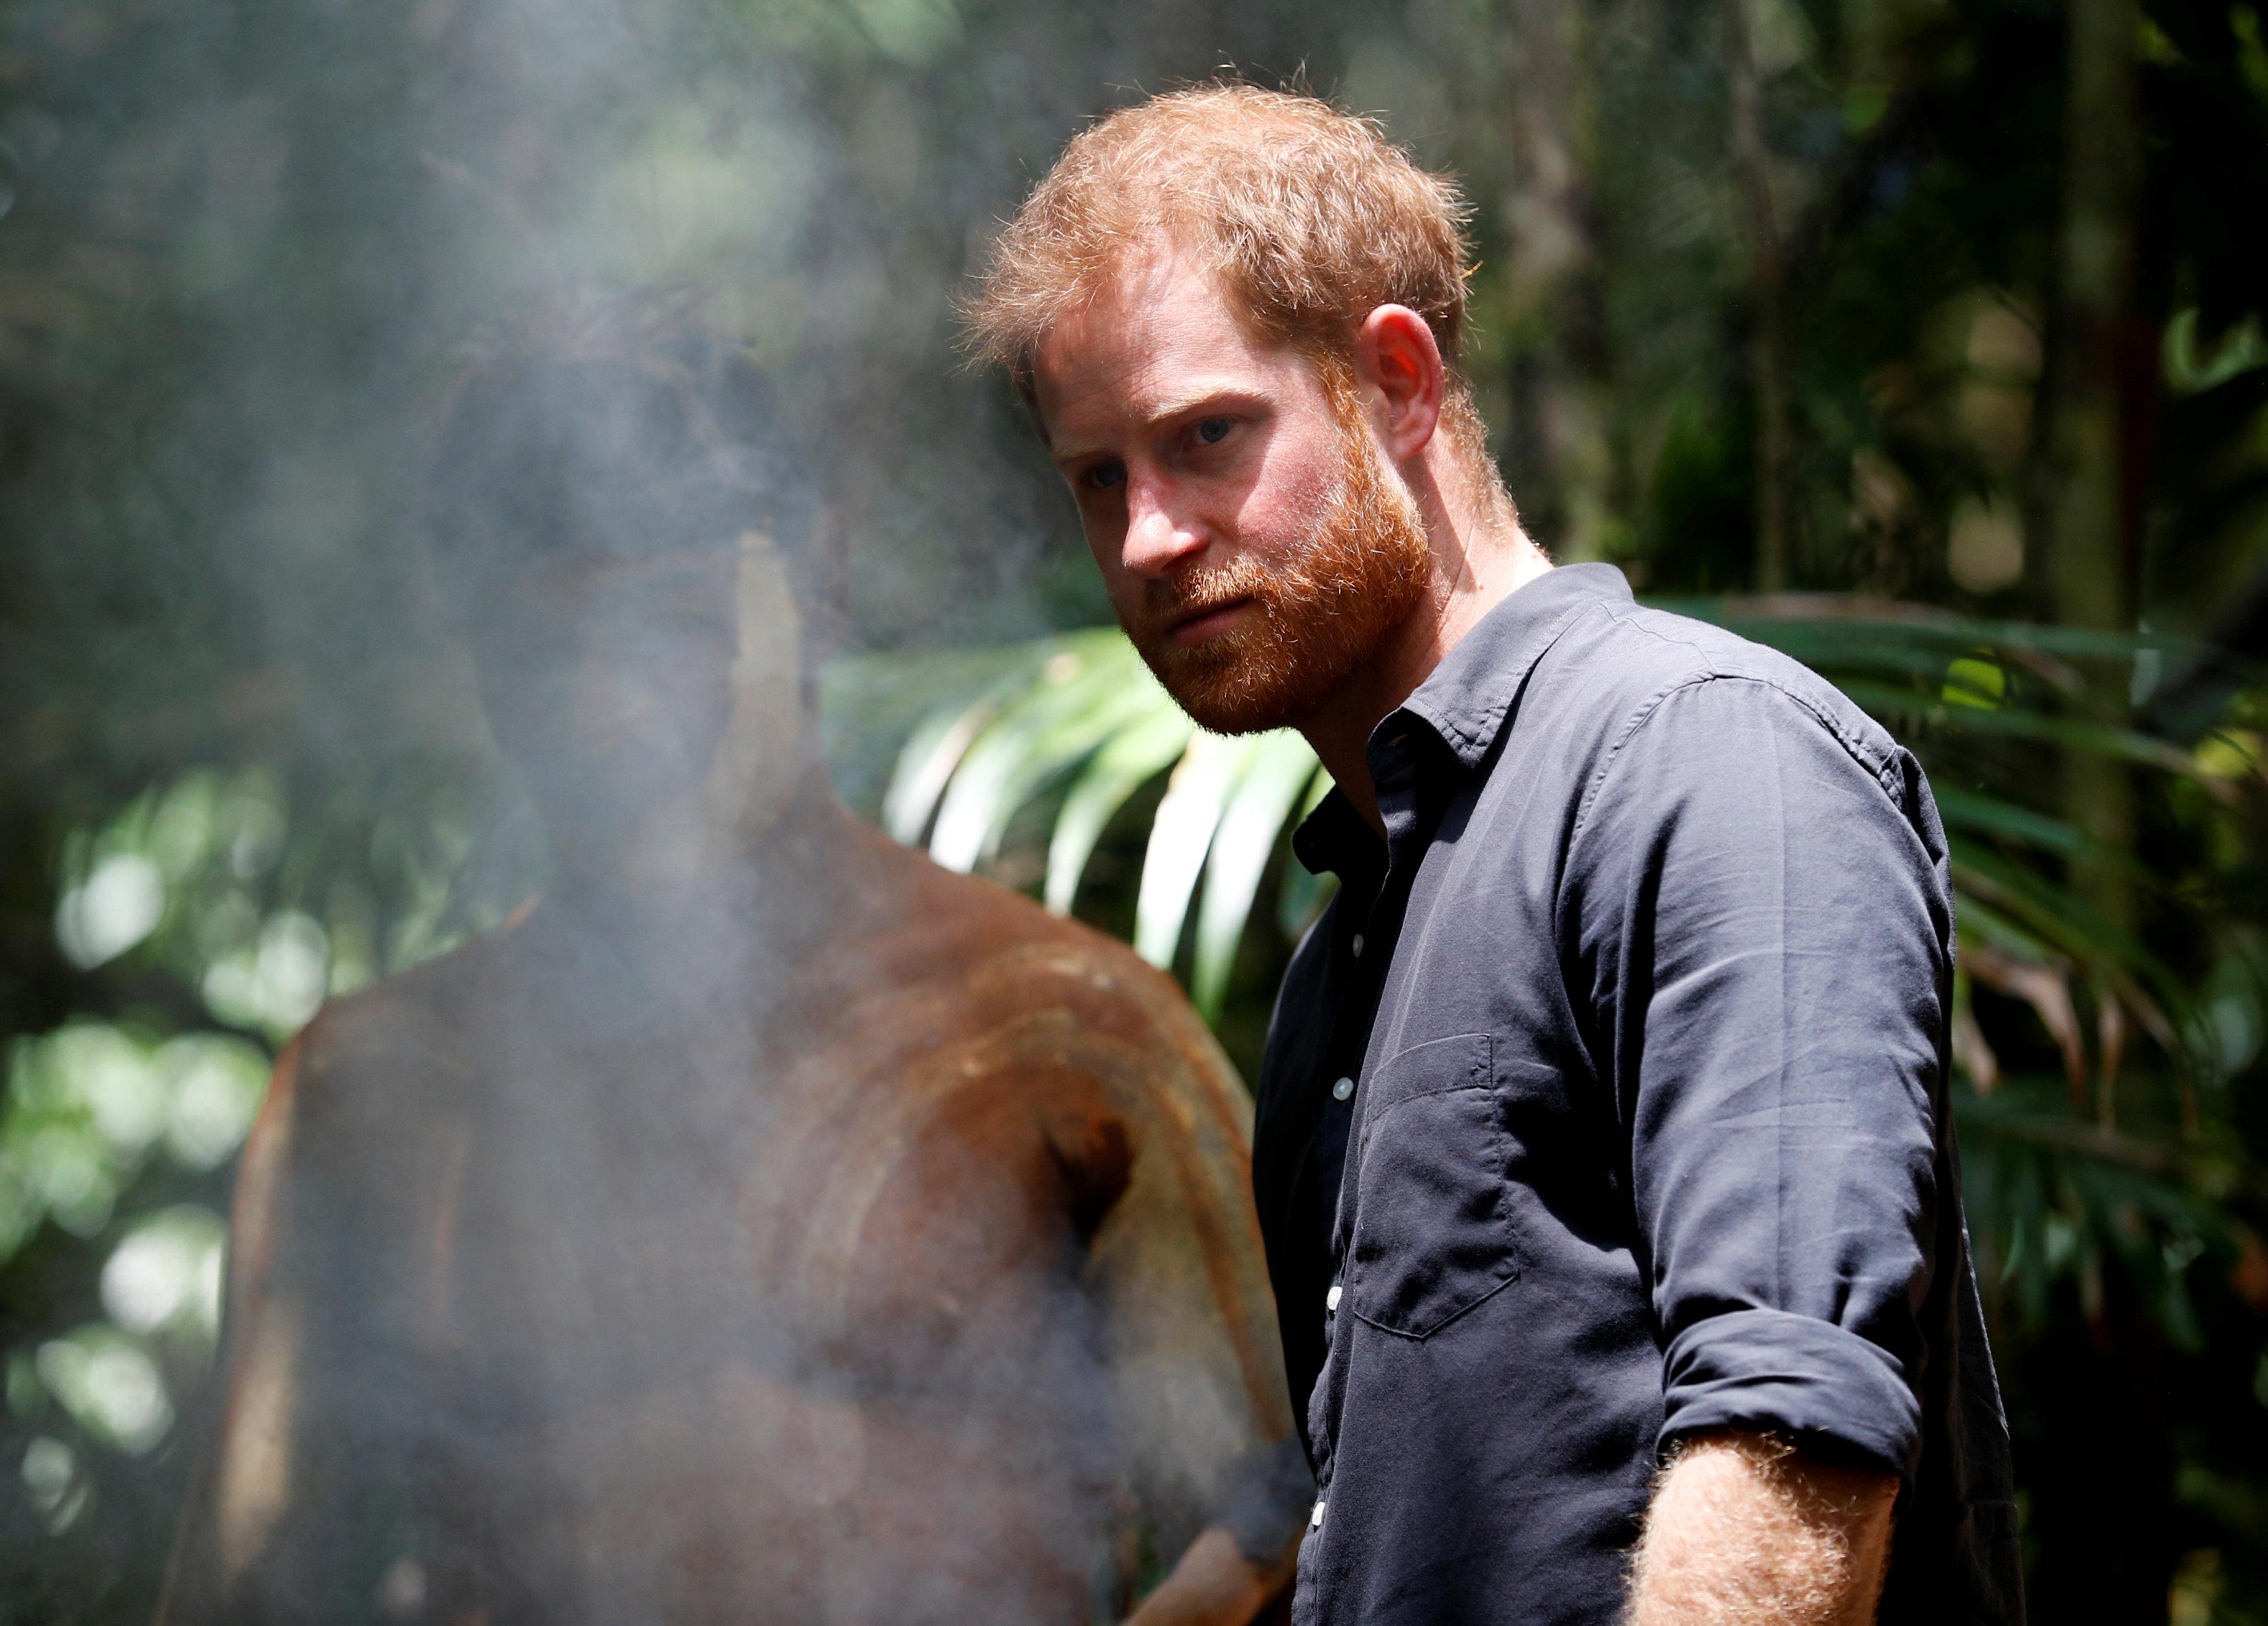 صورة للأمير هارى مع أحد السكان الأصليين للجزيرة